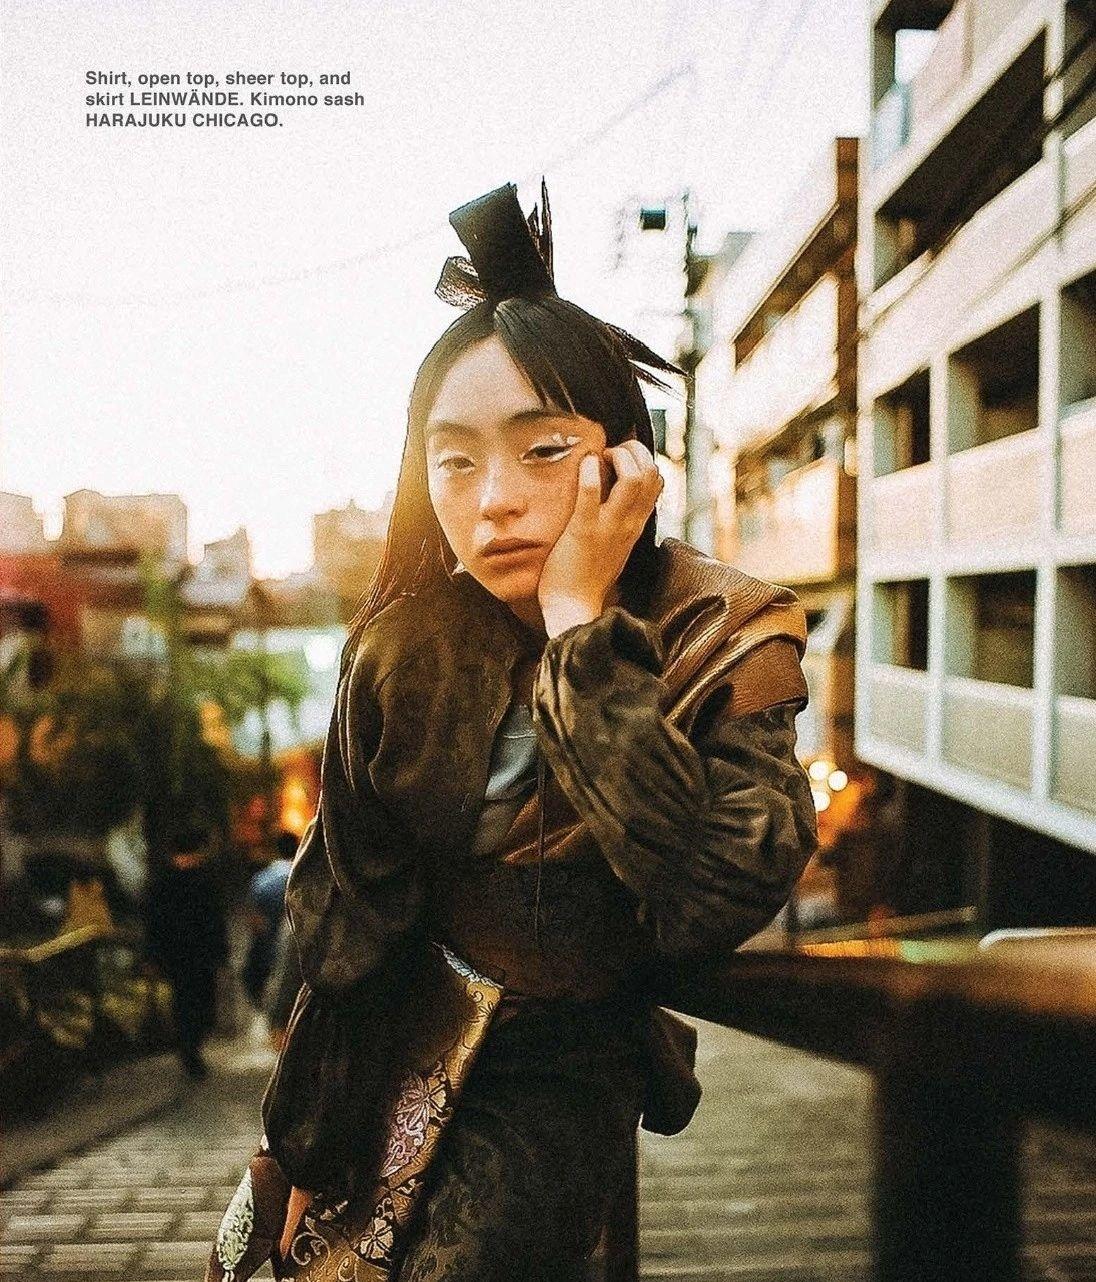 满脸雀斑却依旧很美的混血模特世理奈写真作品 (39)